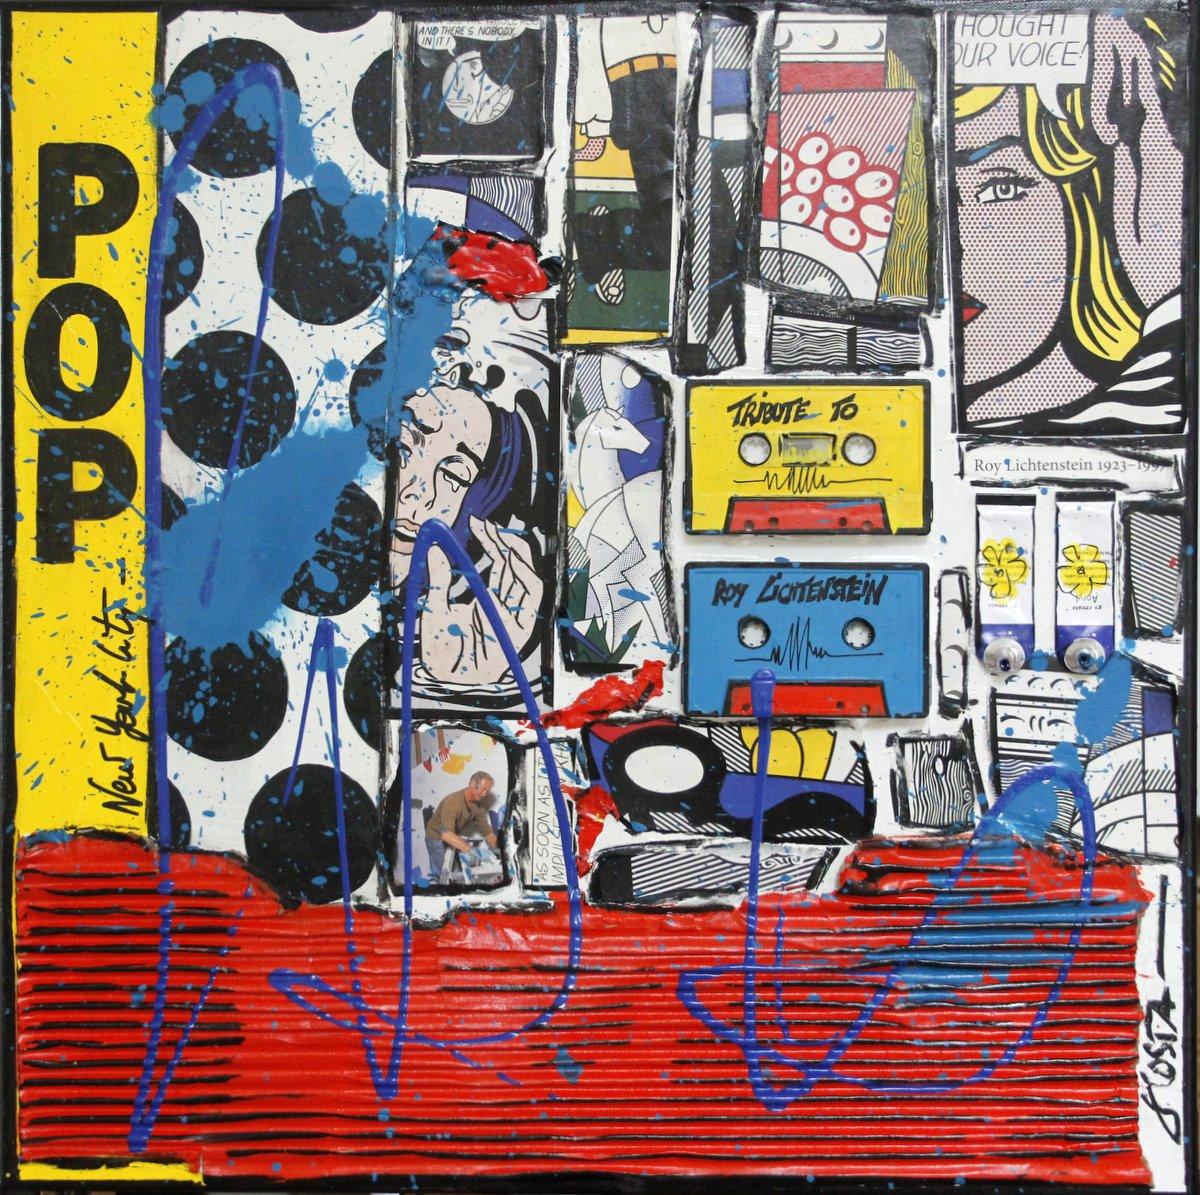 collage, roy lichtenstein Tableau Contemporain, POP ROY. Sophie Costa, artiste peintre.